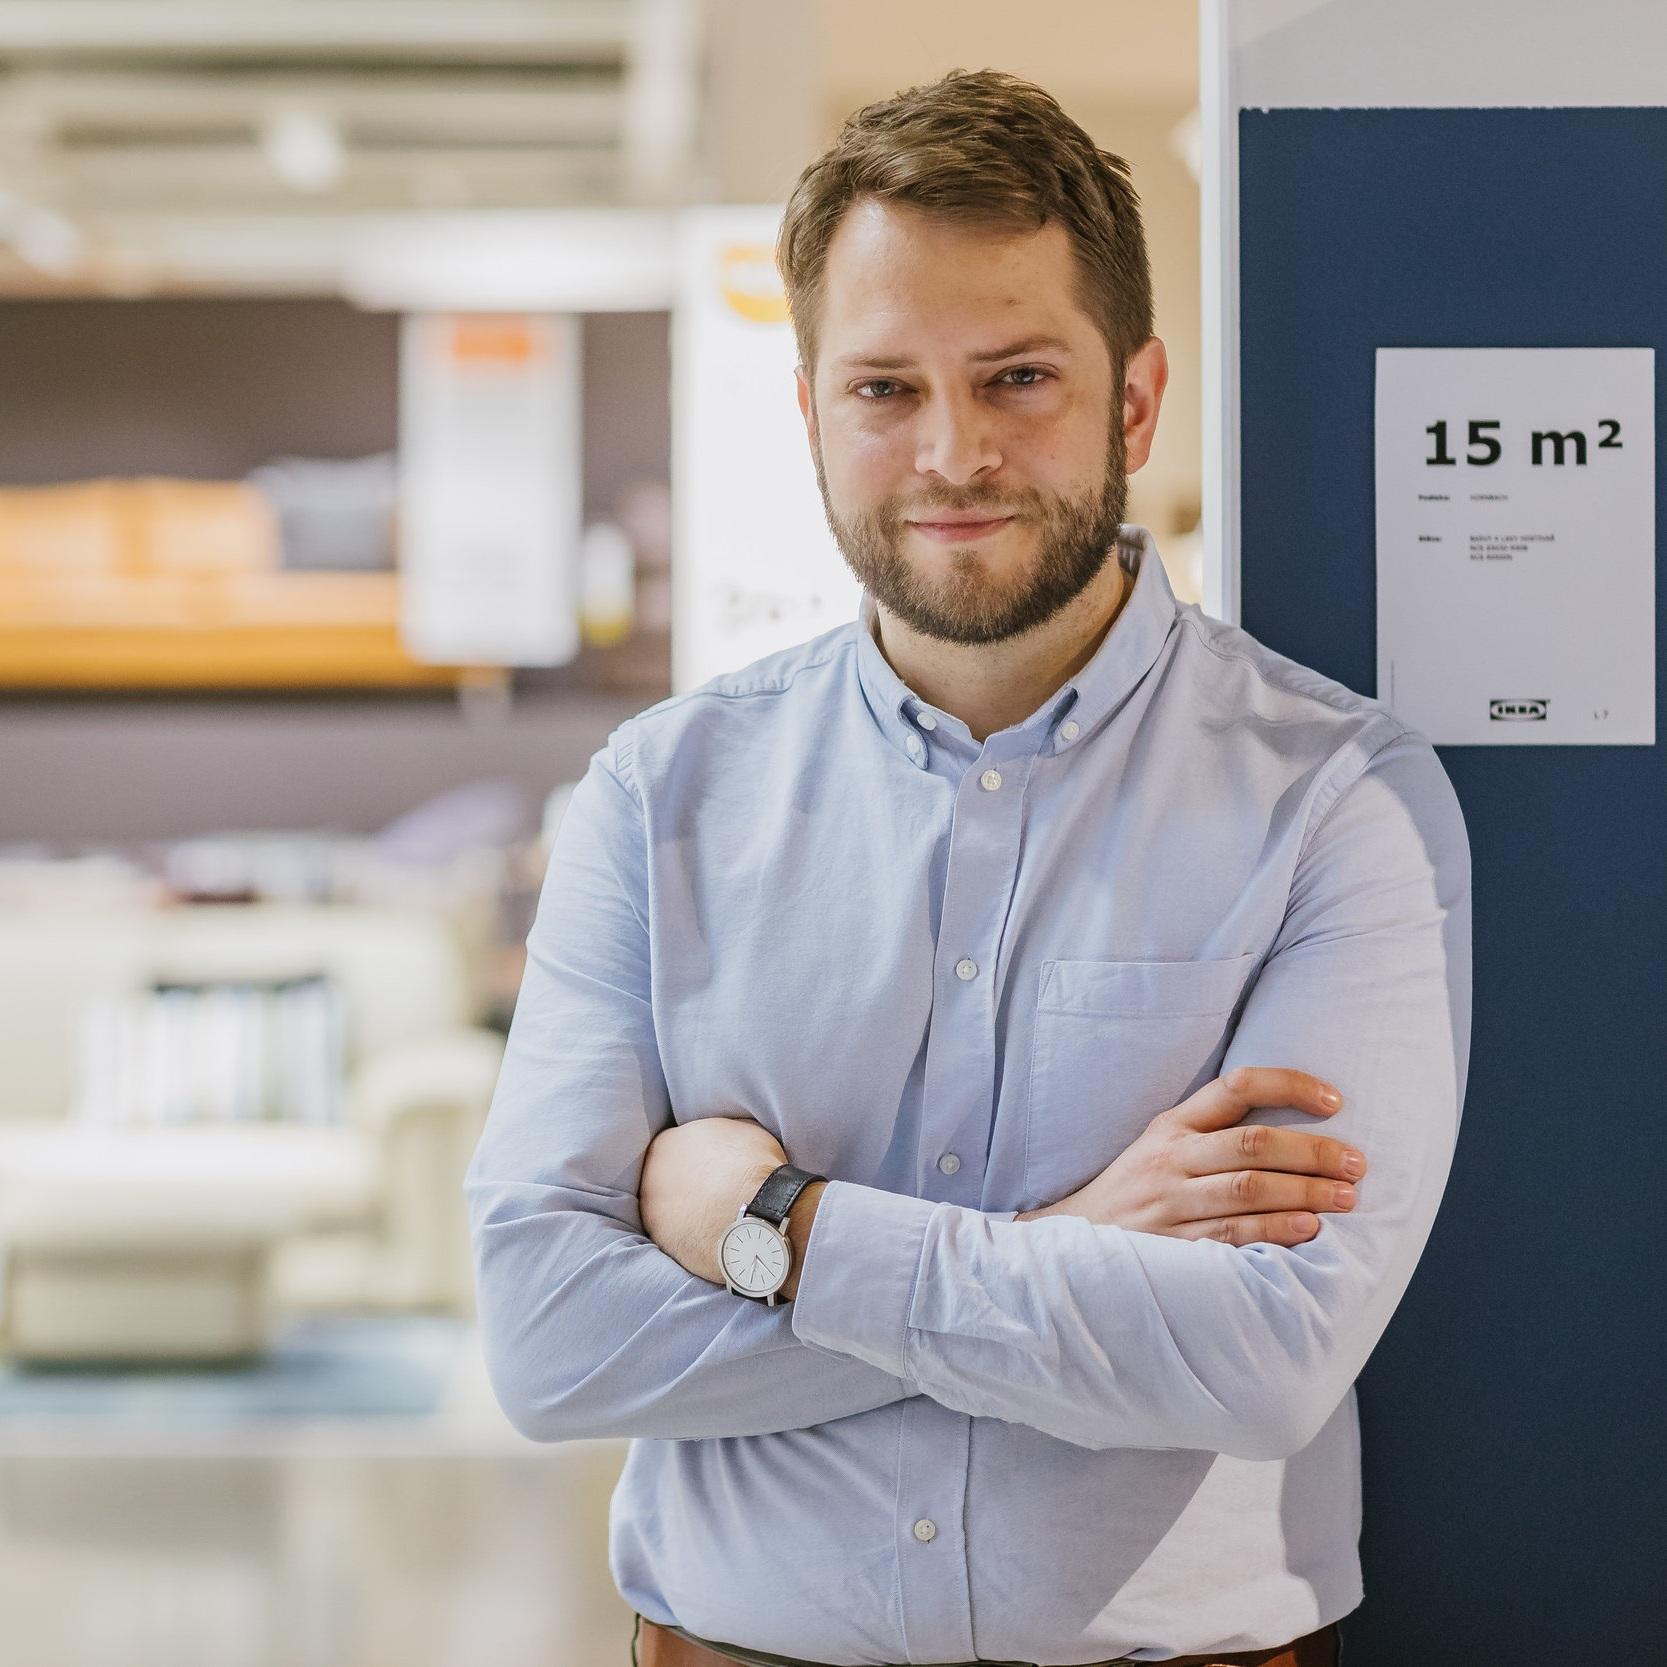 Roman Bojko - Jako manažer udržitelnosti v IKEA se soustředí na realizaci strategii udržitelnosti, která usiluje o podporu - udržitelnejšího života v domácnostech, provozu obchodních domů a komunit.